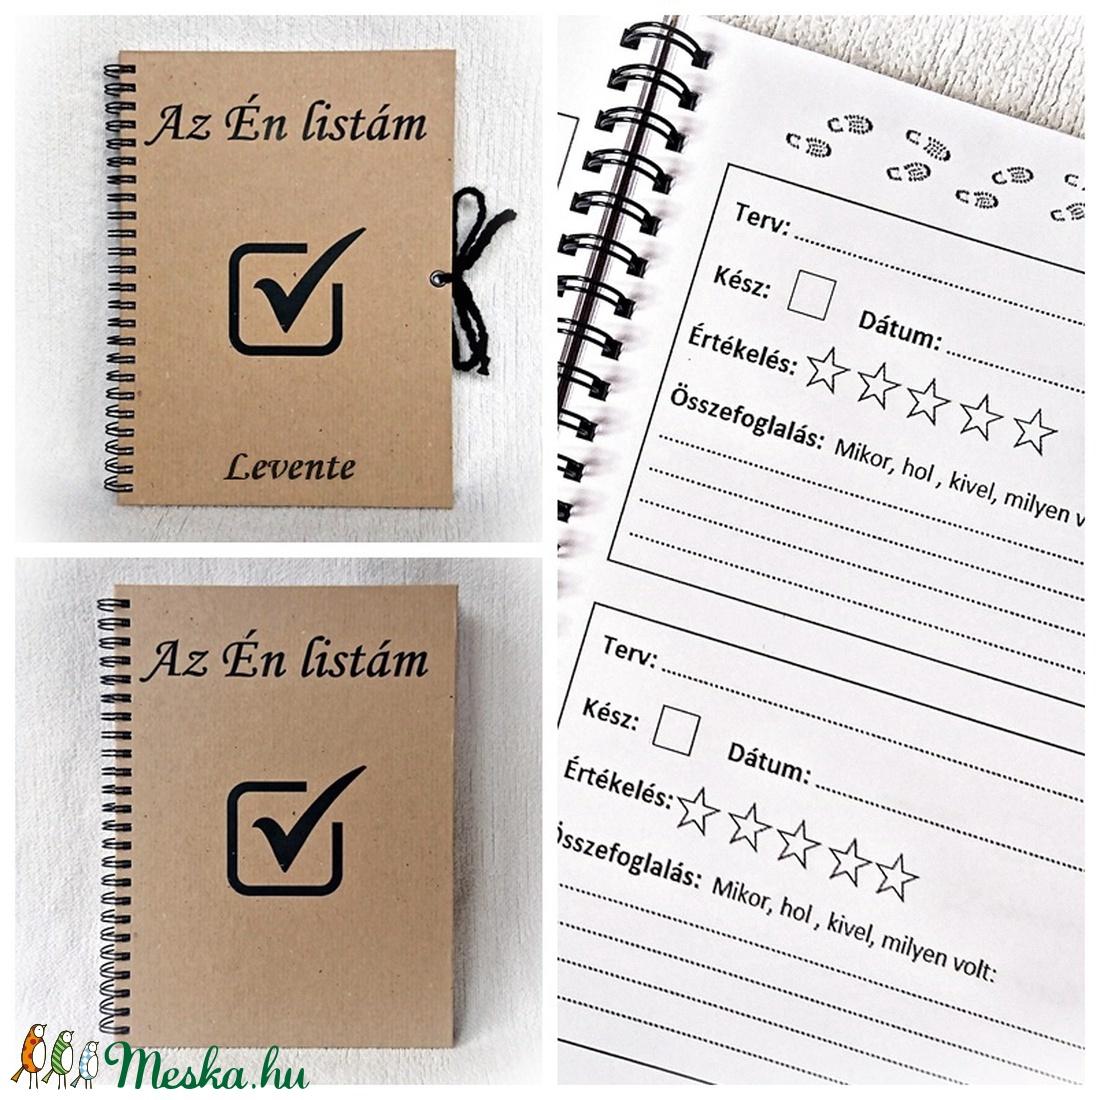 Bakancslista napló, nyomtatott lapokkal, KÉSZ- PIPA jellel a borítón,születésnap, karácsony, ballagás, A5 méret - otthon & lakás - papír írószer - jegyzetfüzet & napló - Meska.hu